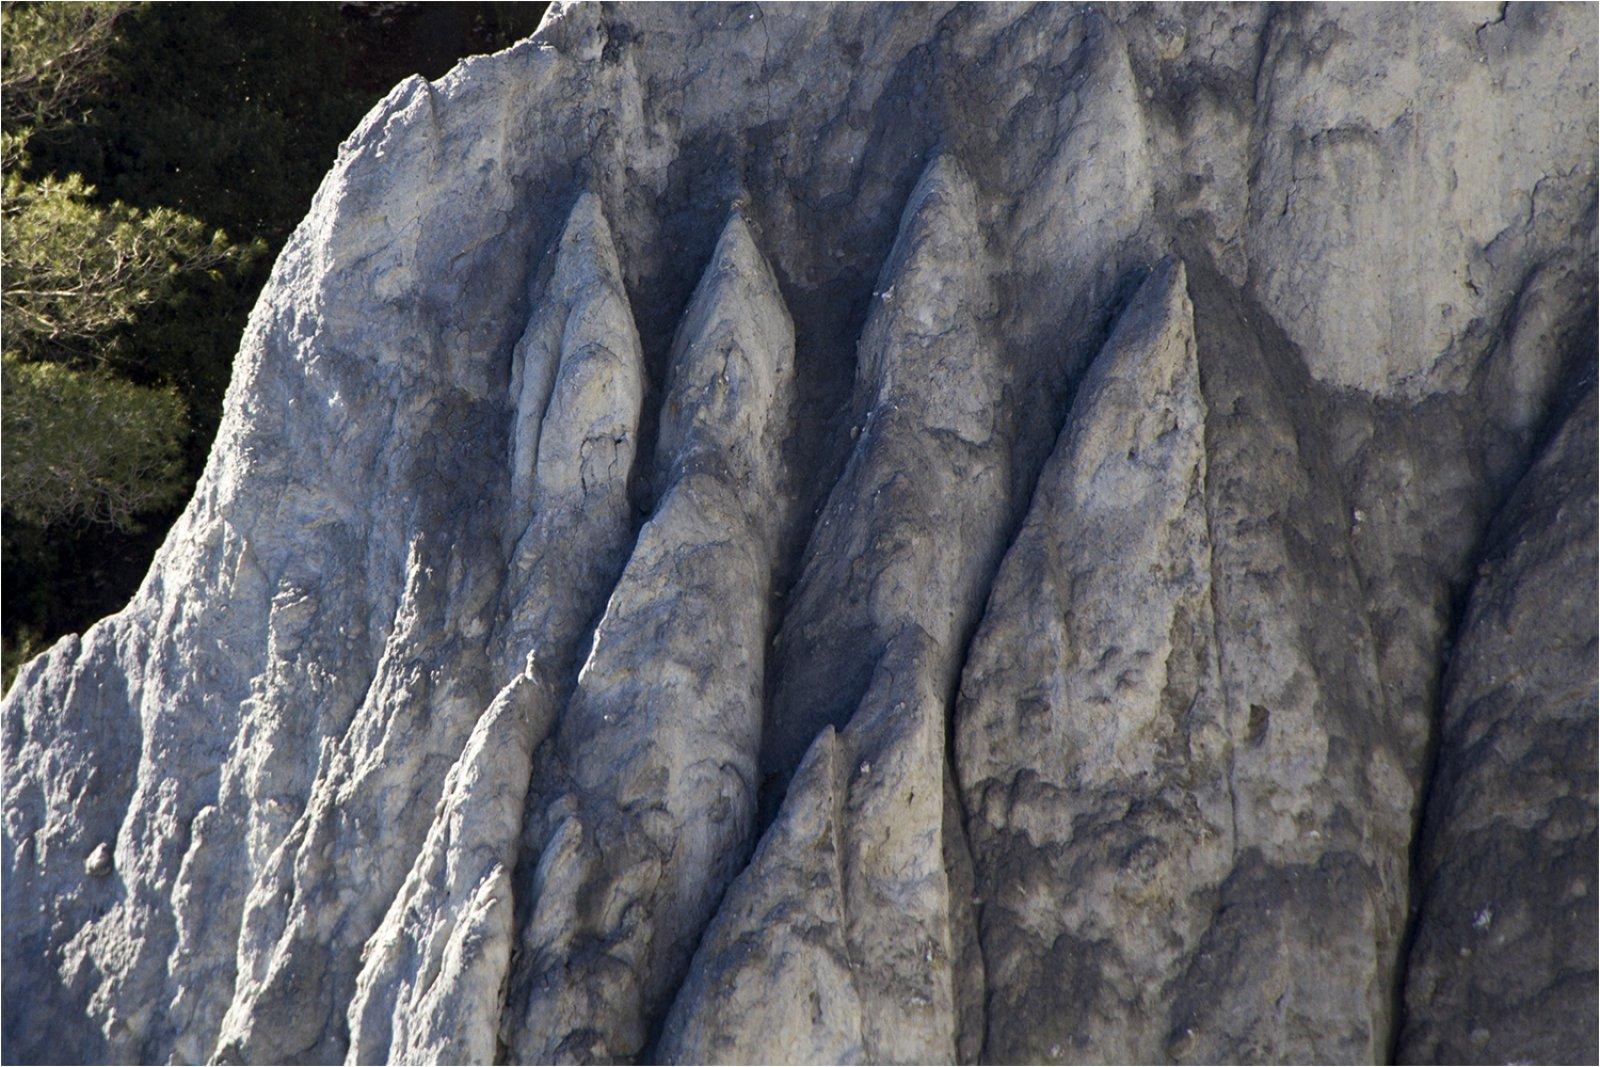 Un detall de les roques, considerades úniques al món